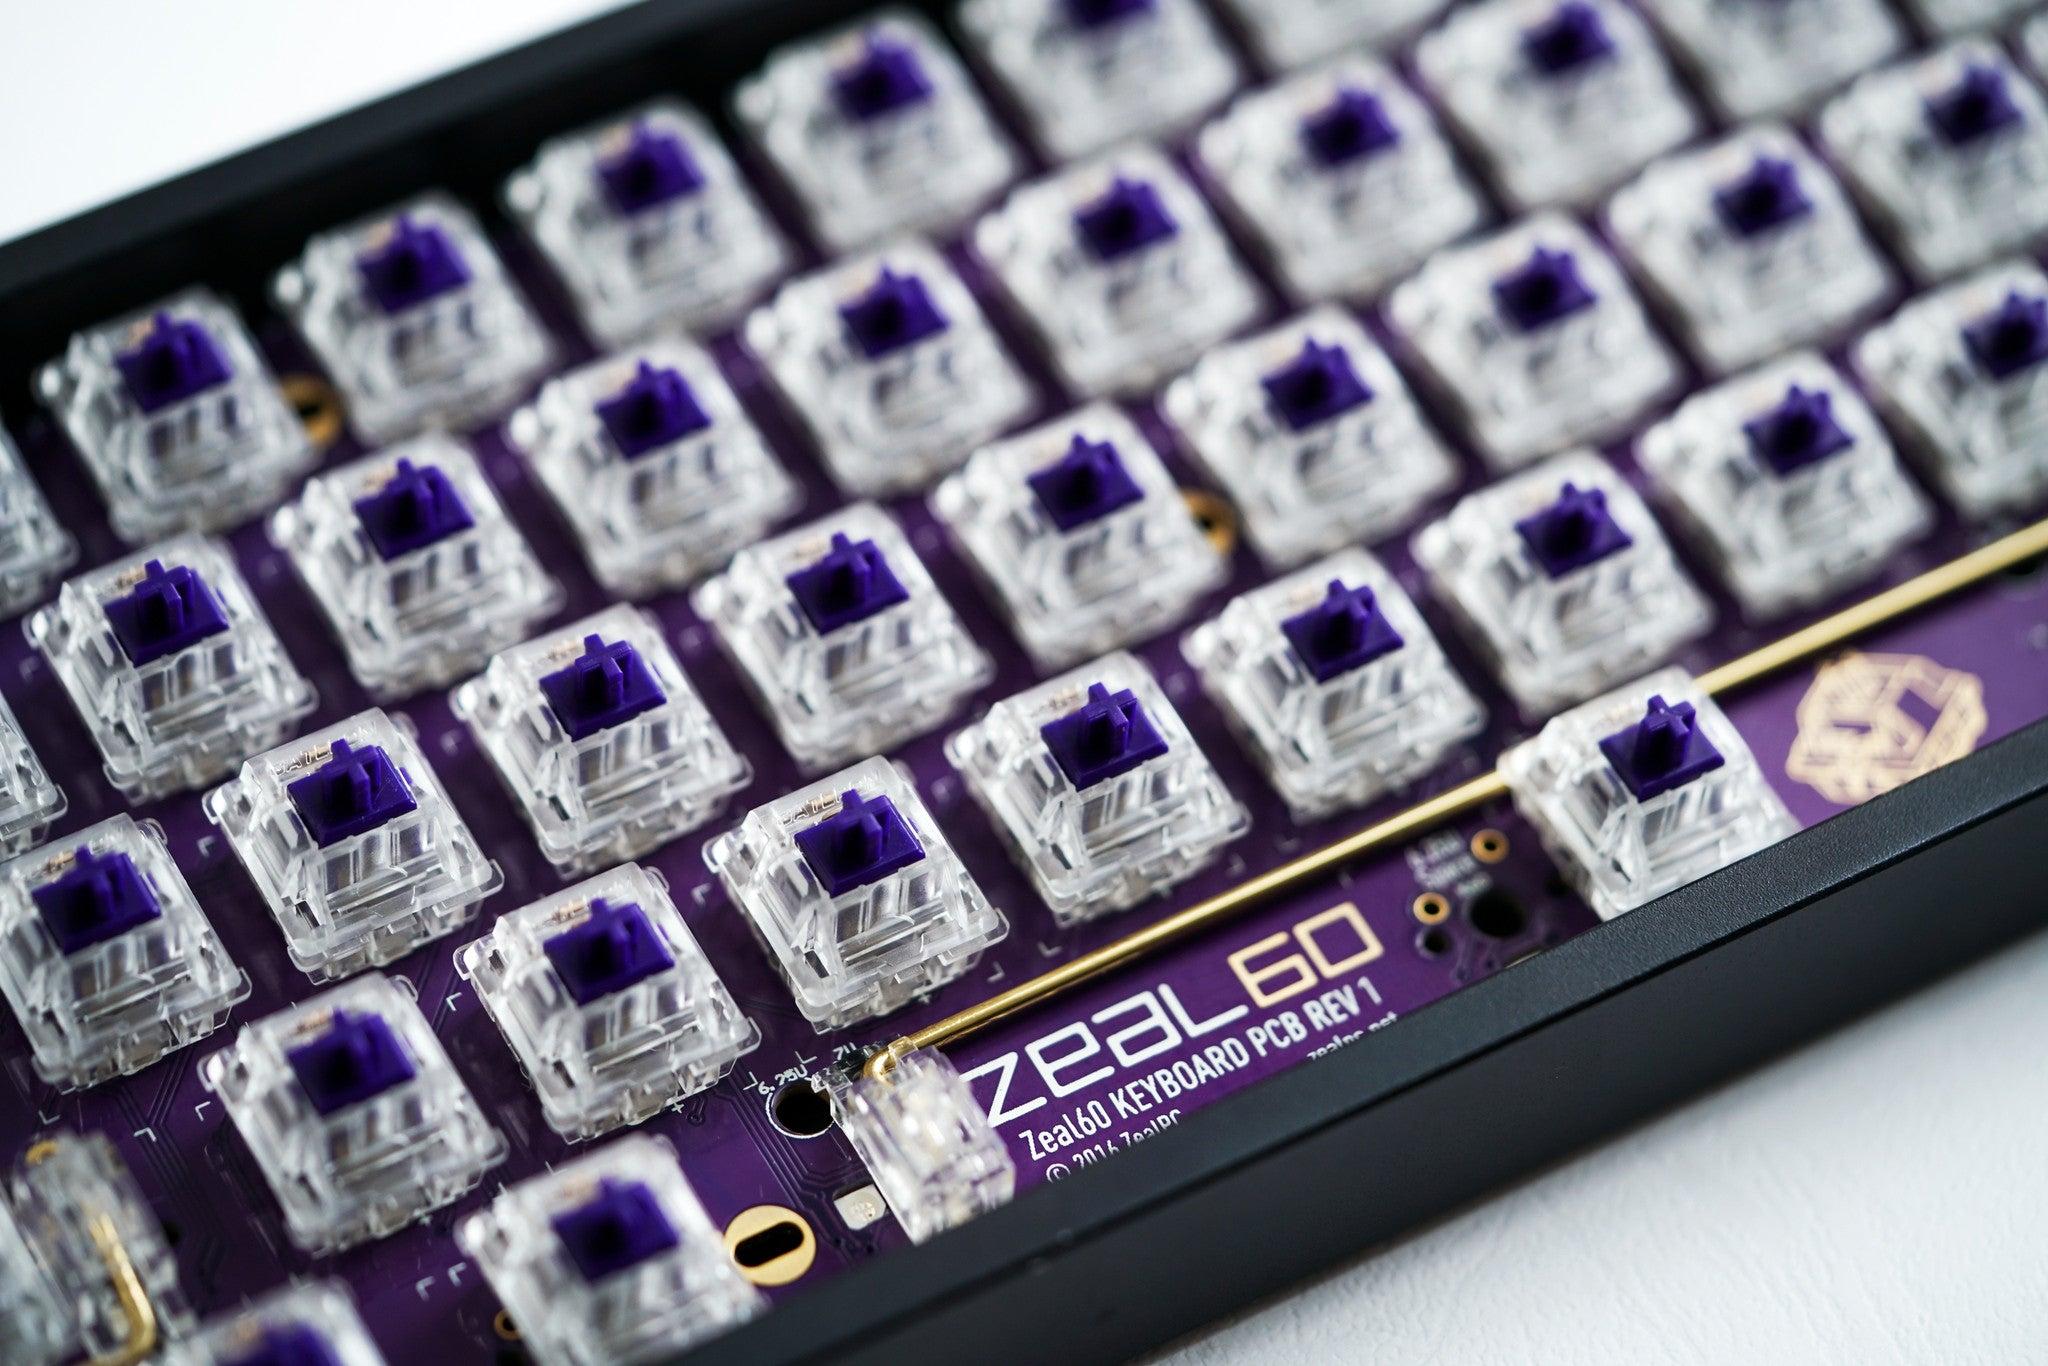 Zeal60